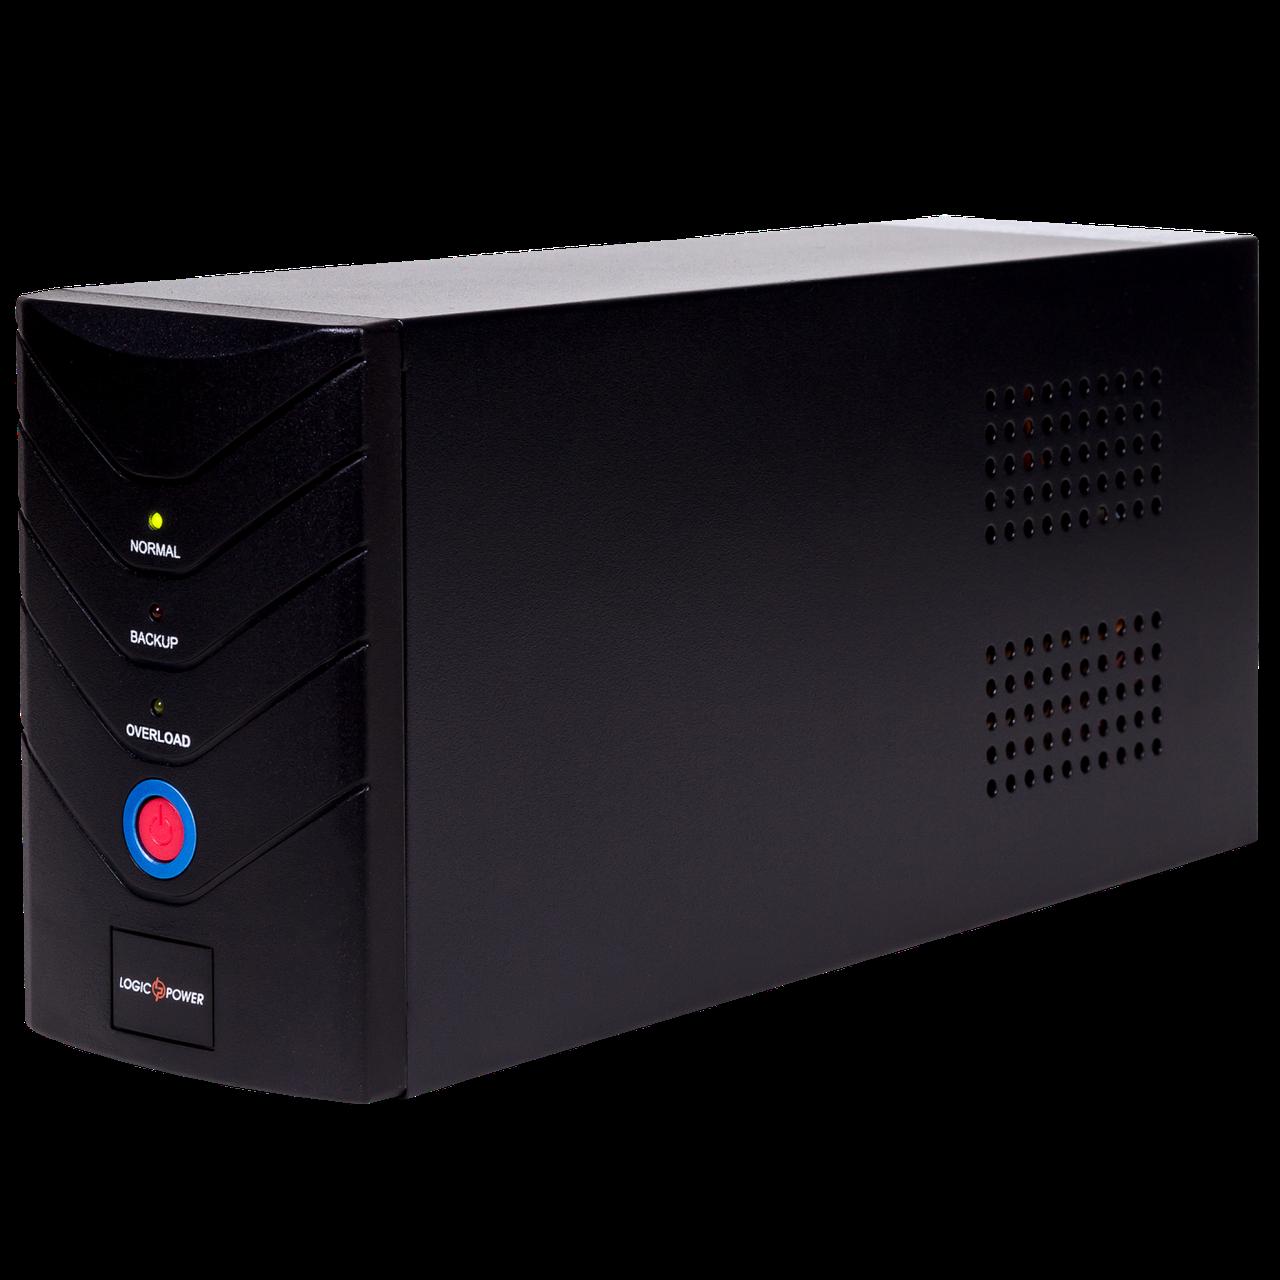 ИБП линейно-интерактивный  LP 650VA ТМ Logicpower